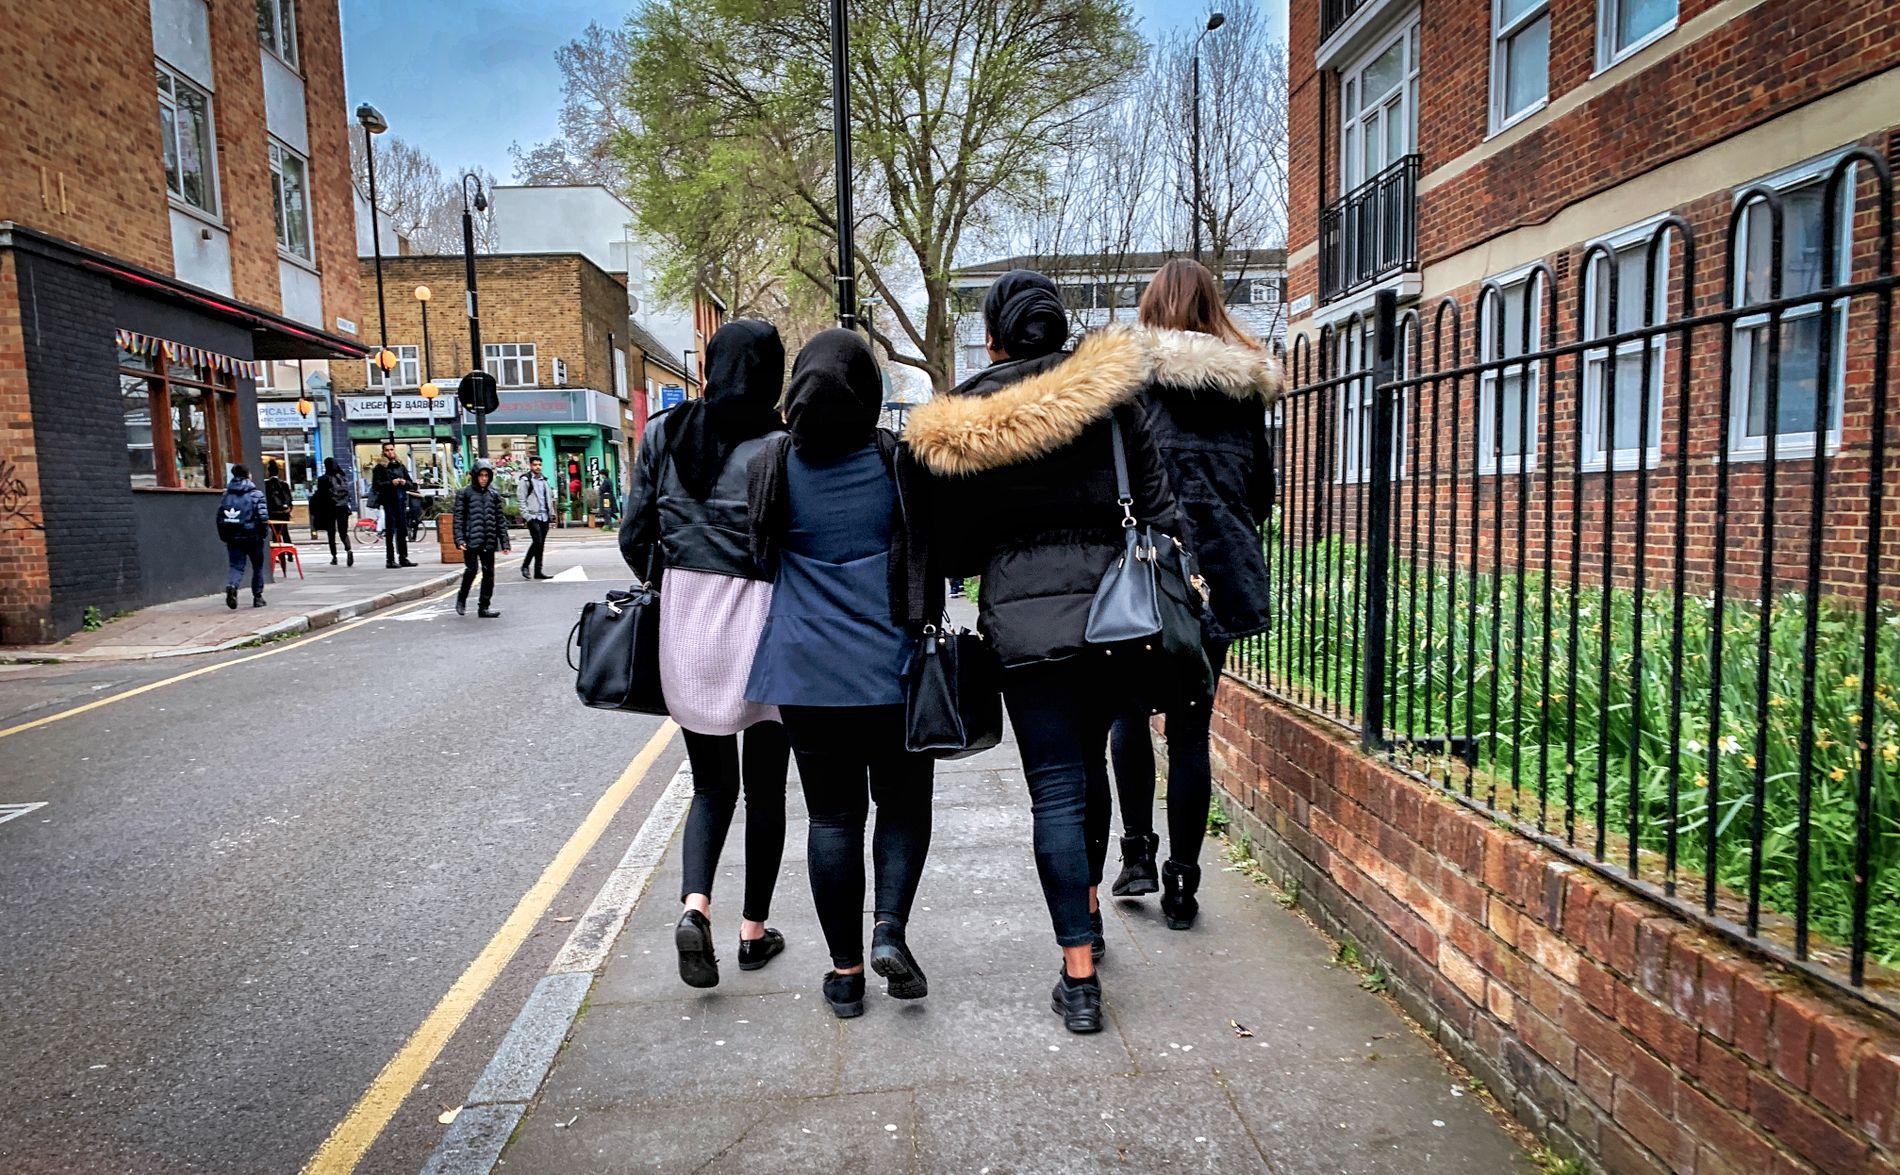 SKOLEN: Dagen på Mulberry Academy Shoreditch er over og elevene går hjemover. Jentene i bildet er elever på skolen og har ingen tilknytning til Shamima Begum.